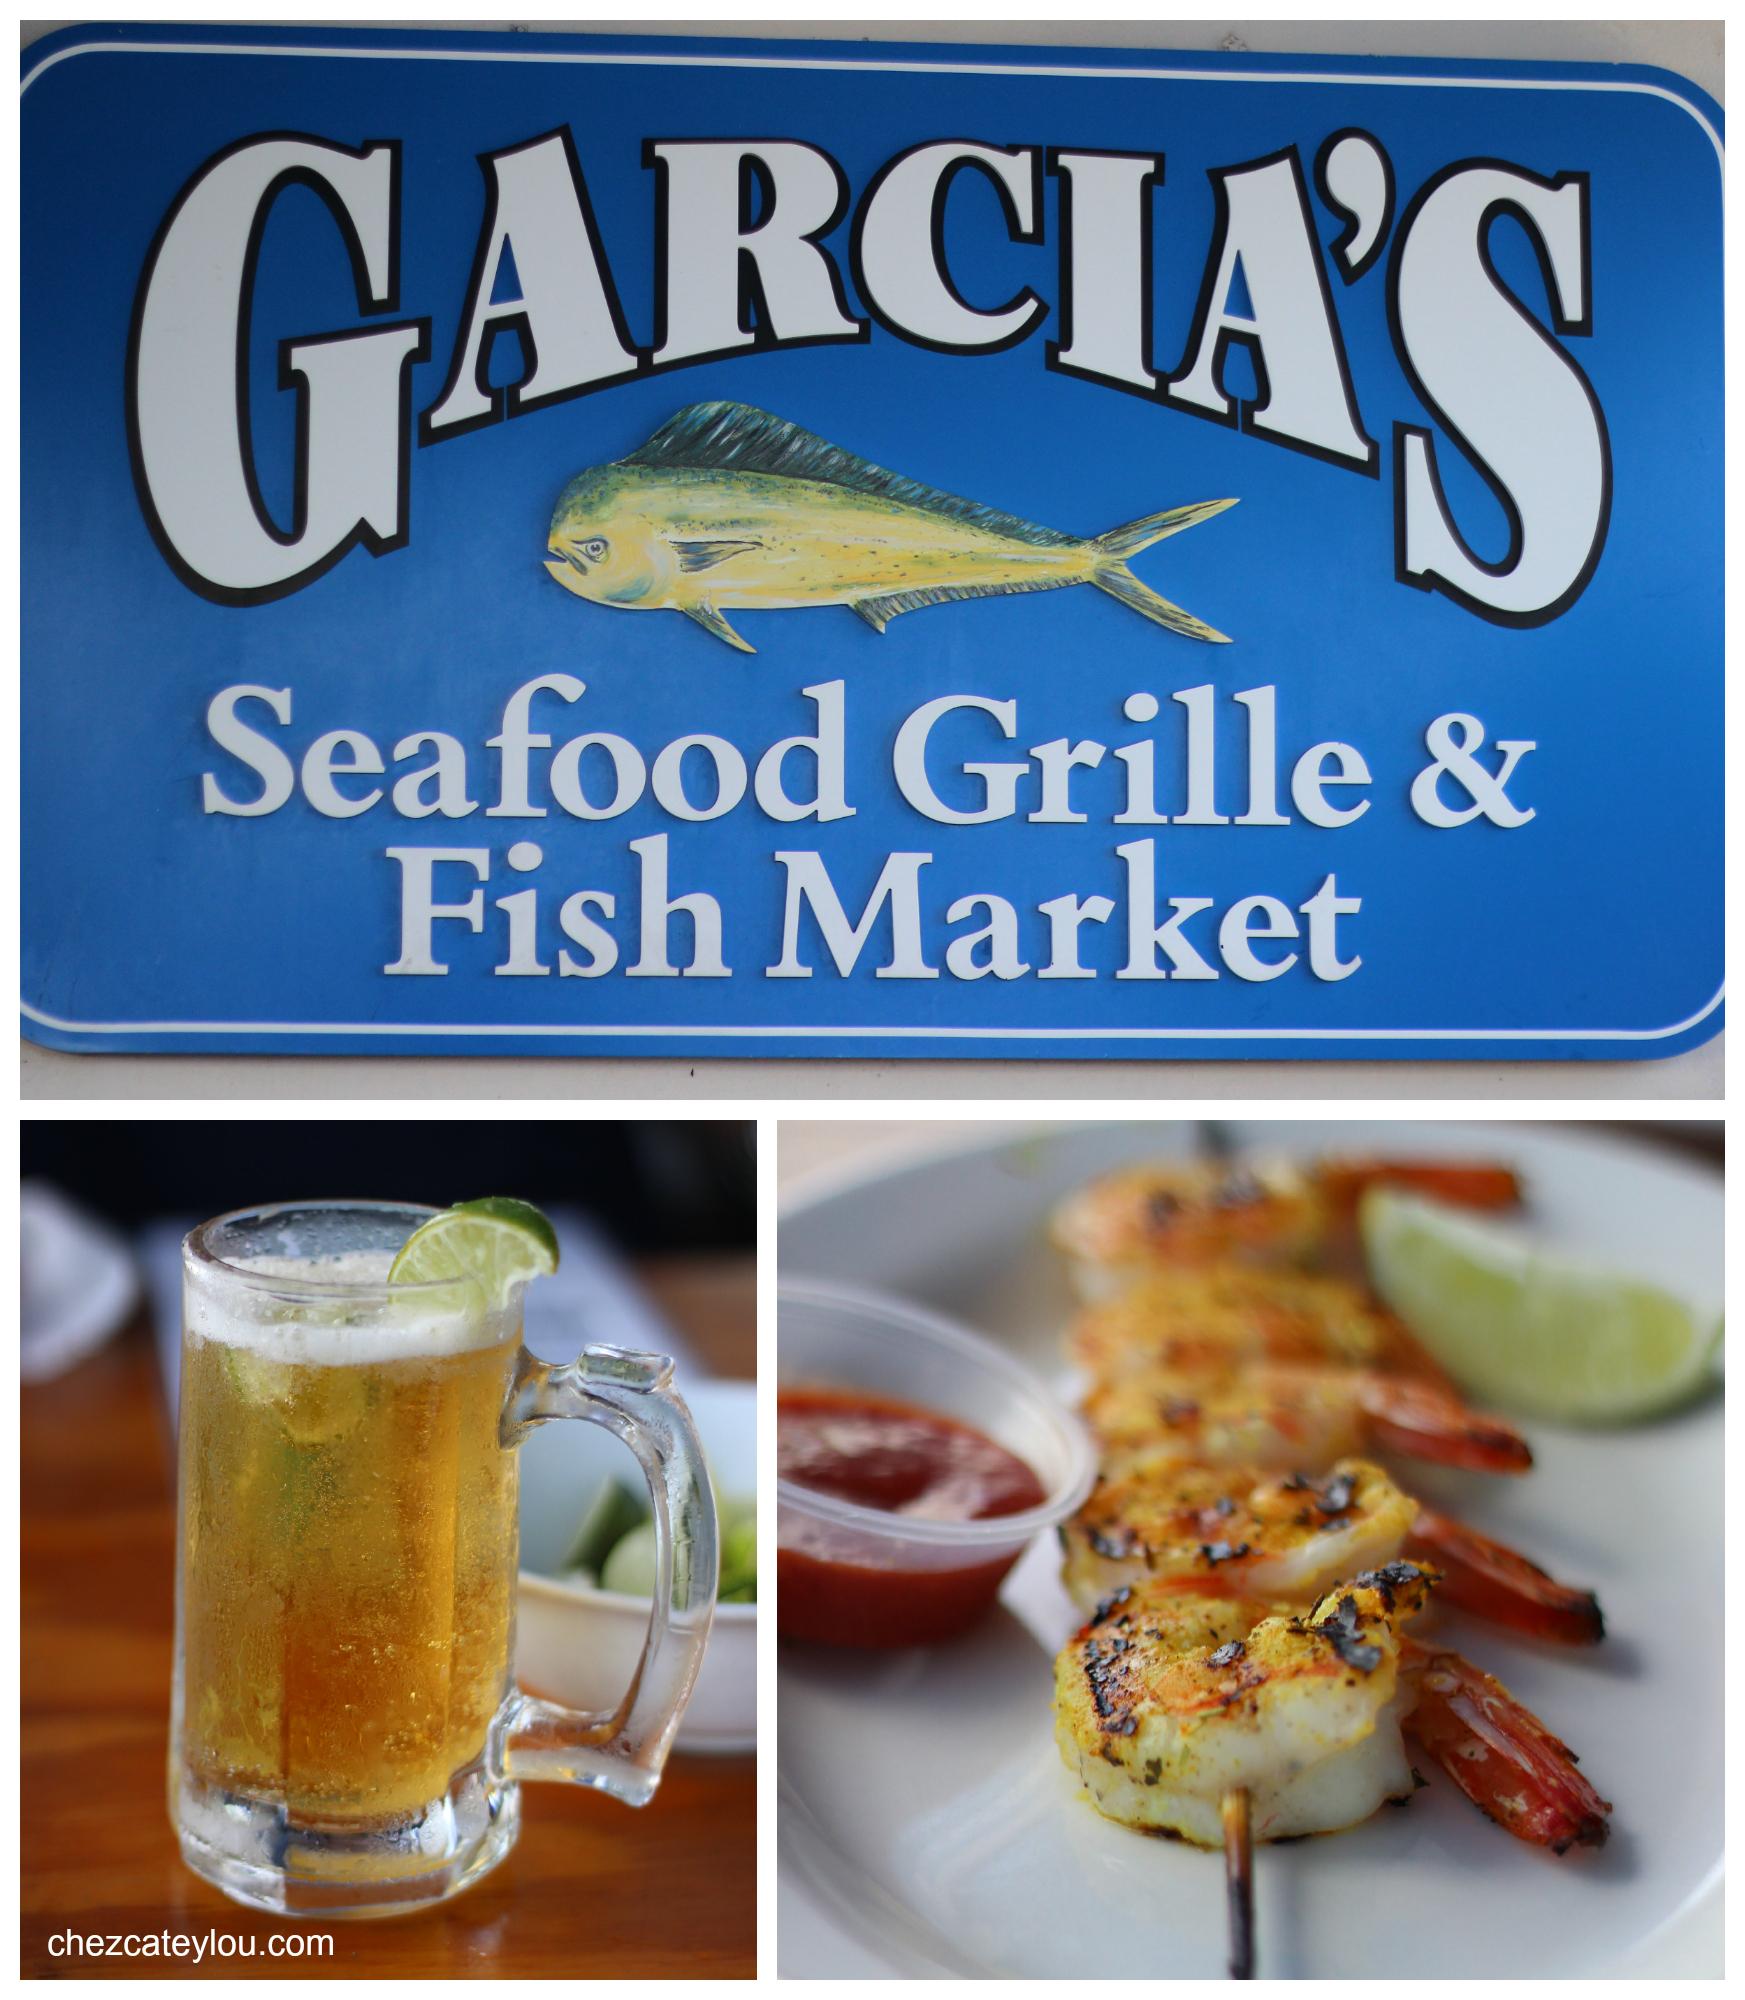 Garcia's Miami | chezcateylou.com